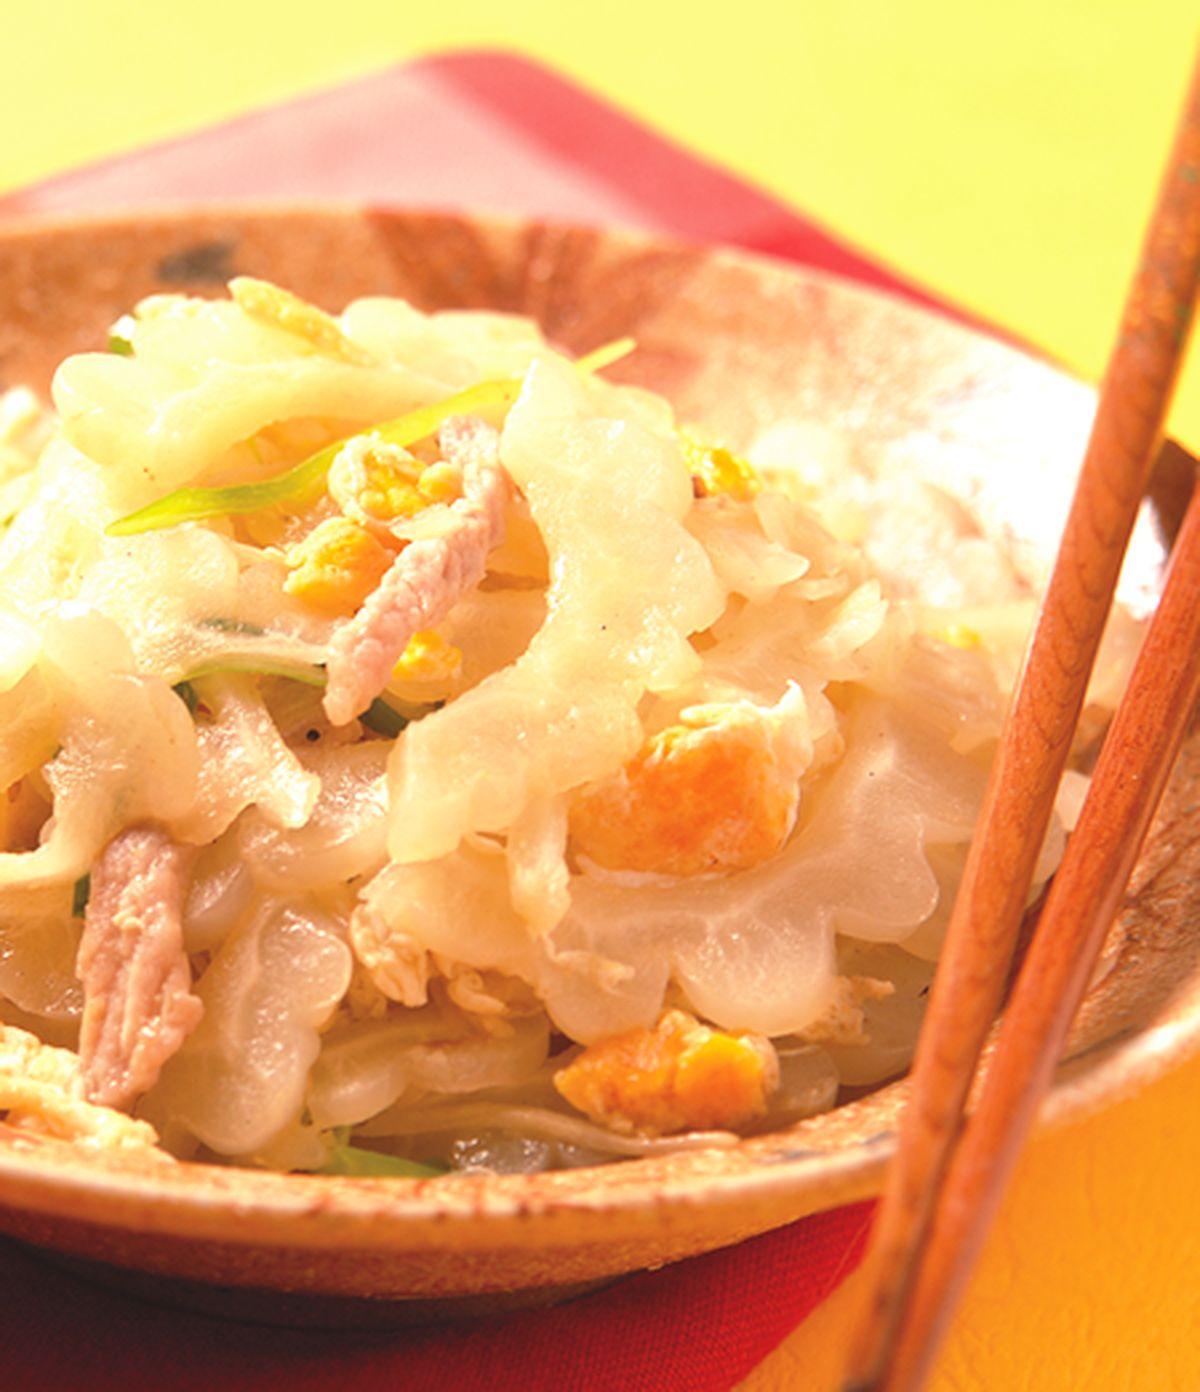 食譜:苦瓜炒鹹蛋